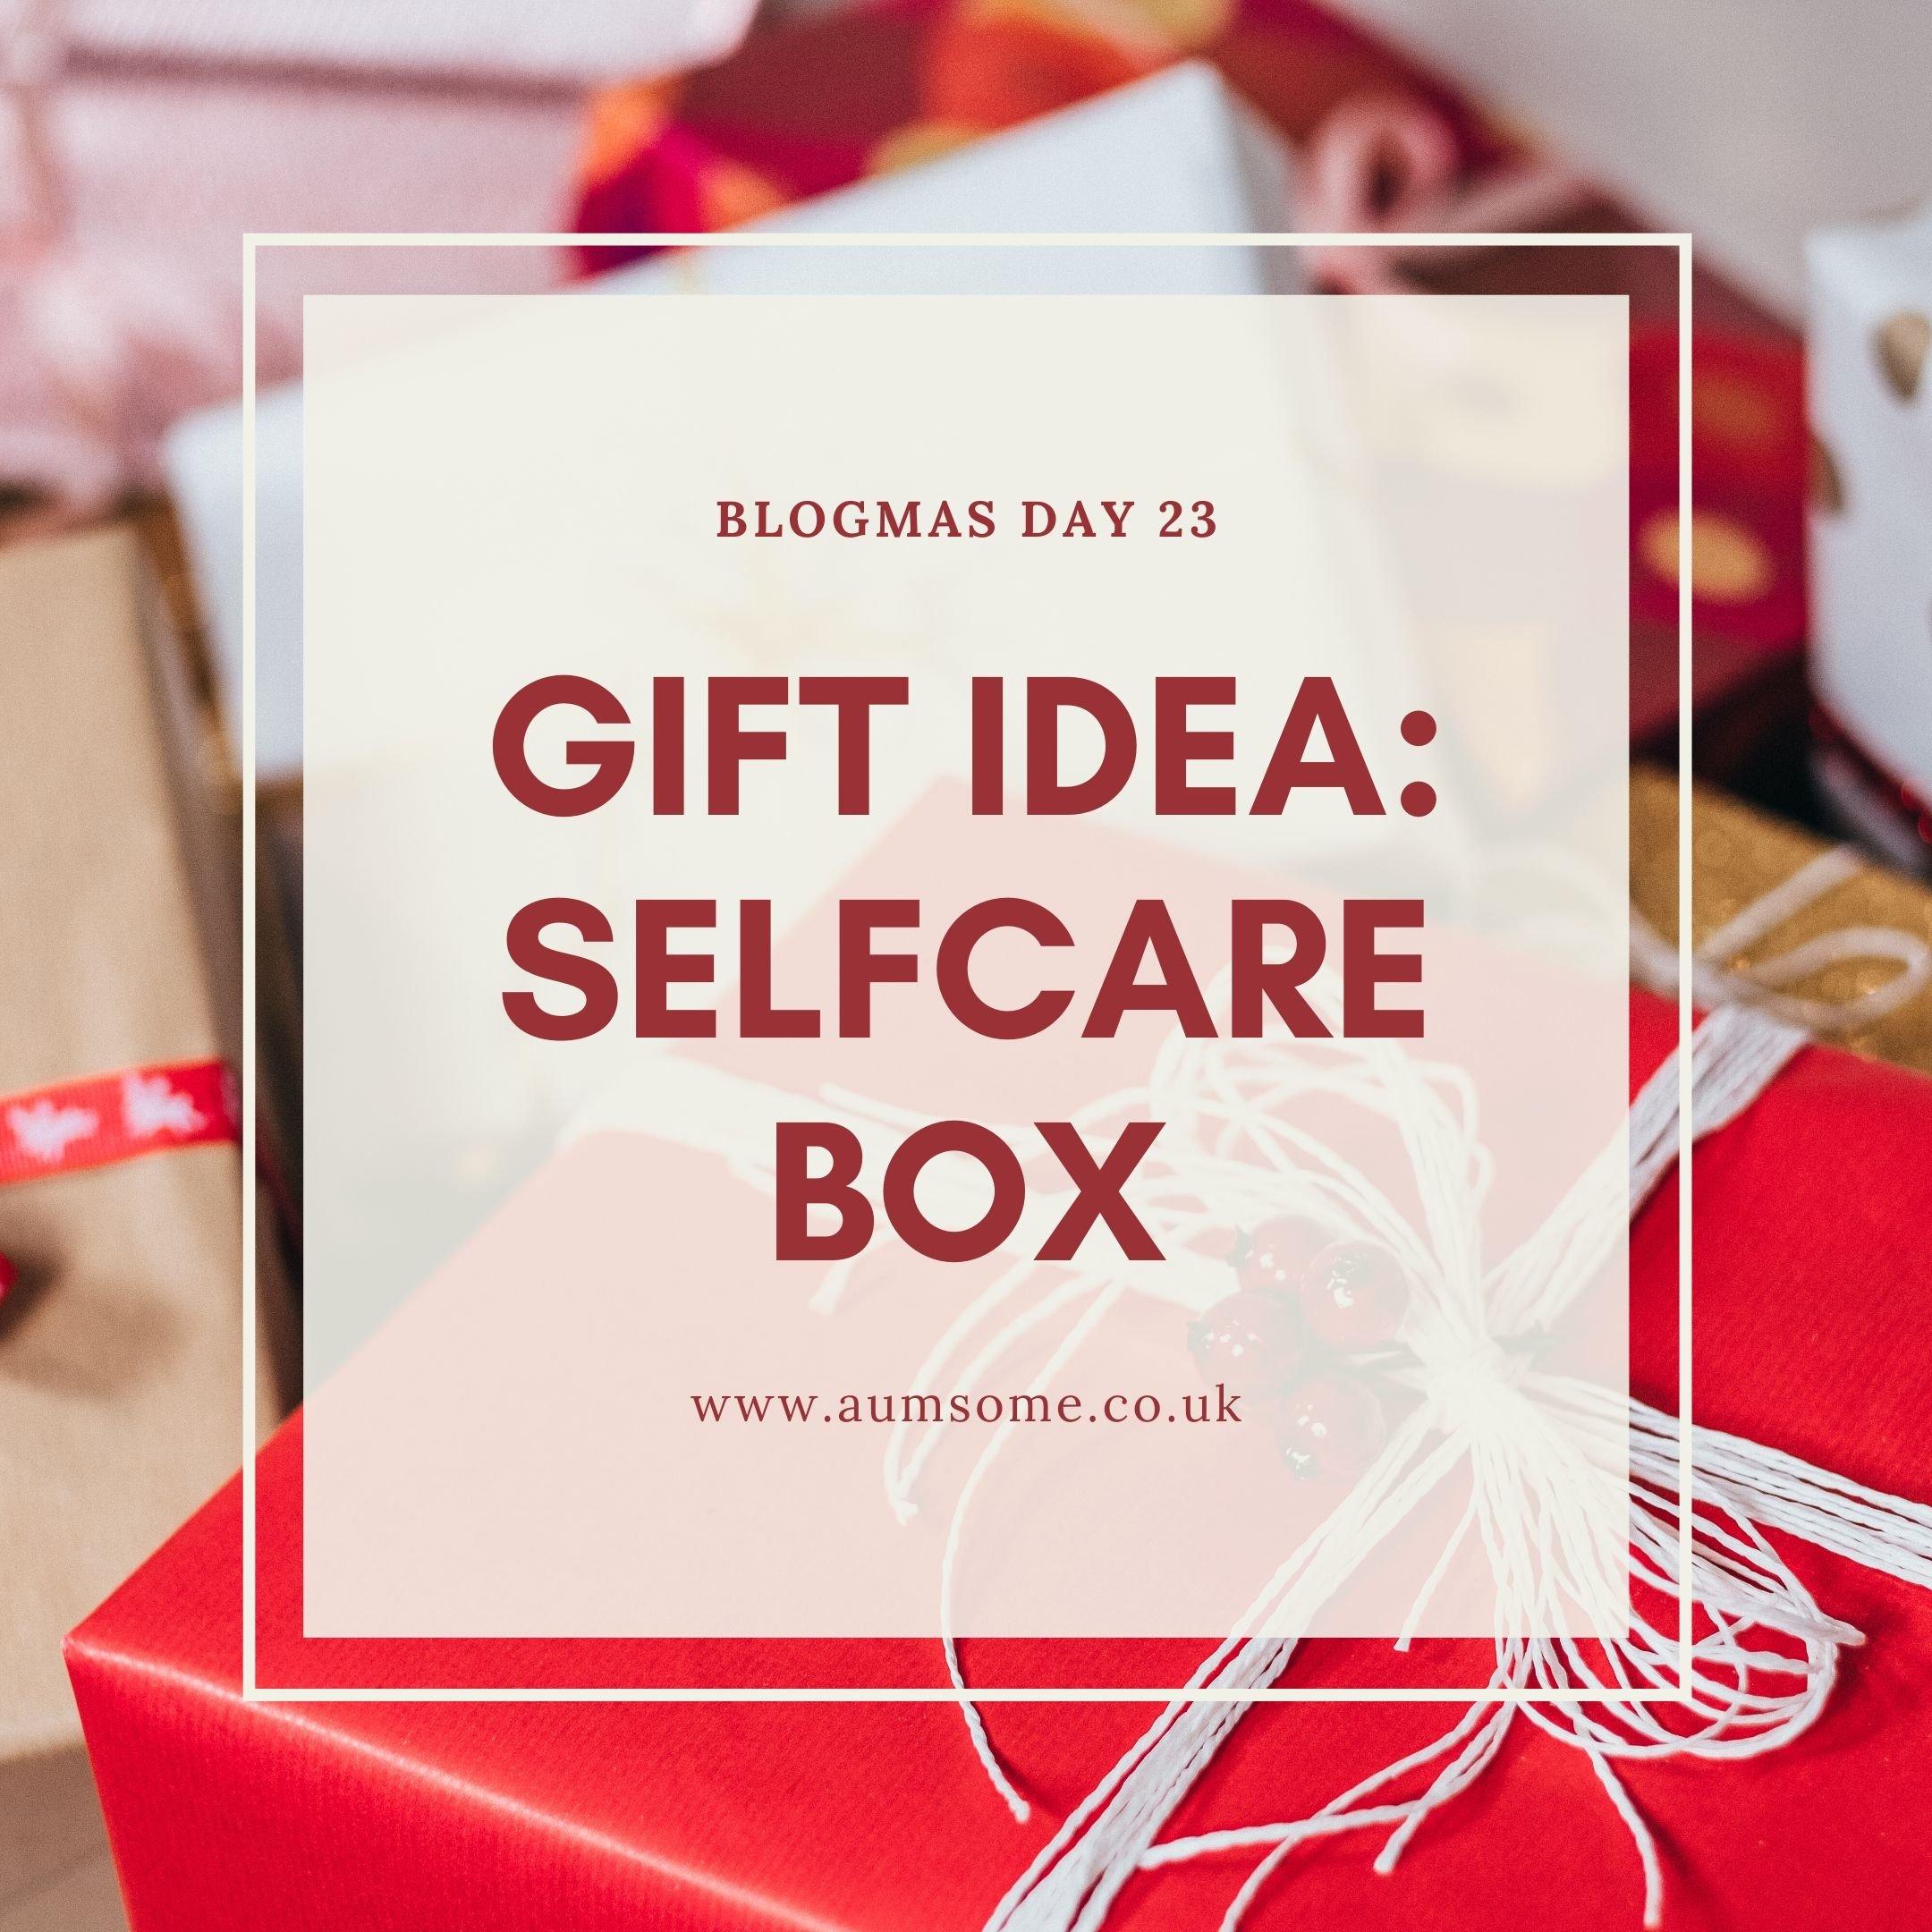 Selfcare Box